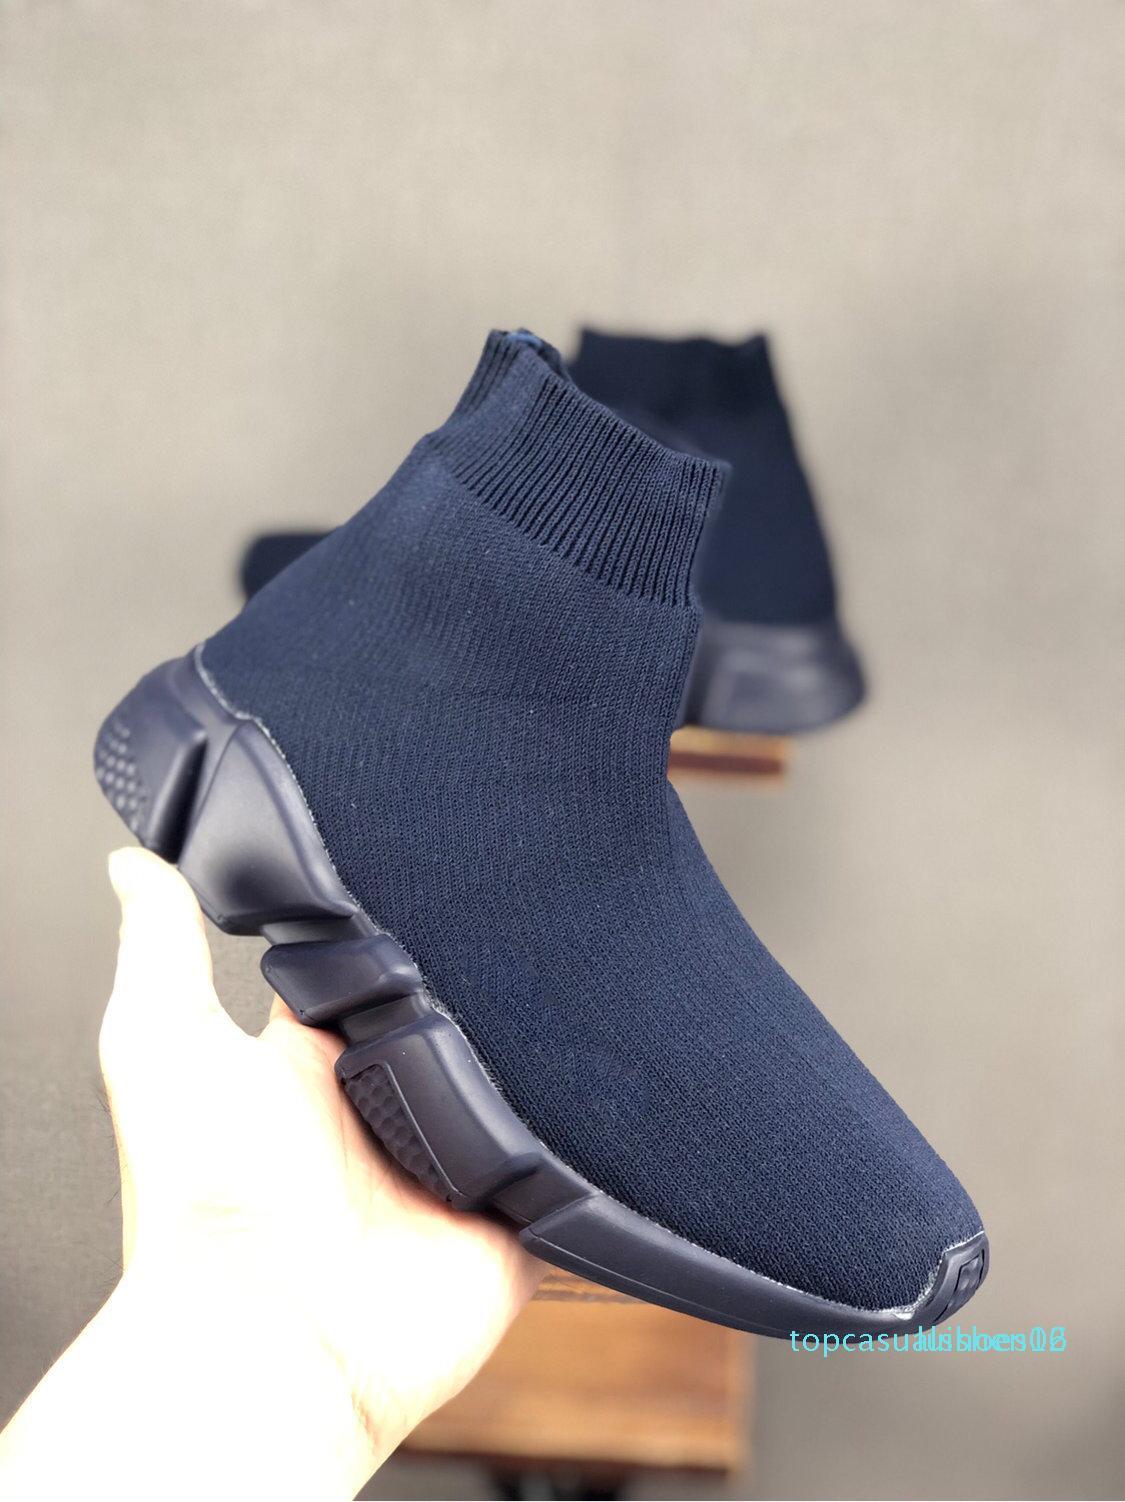 Diseñador de lujo de París calcetín del zapato de velocidad zapatillas de deporte entrenador Carrera Participantes hombre blancas Triple Negro Mujeres Calcetines arranque deportes ocasionales Tn zapatos 1 t16